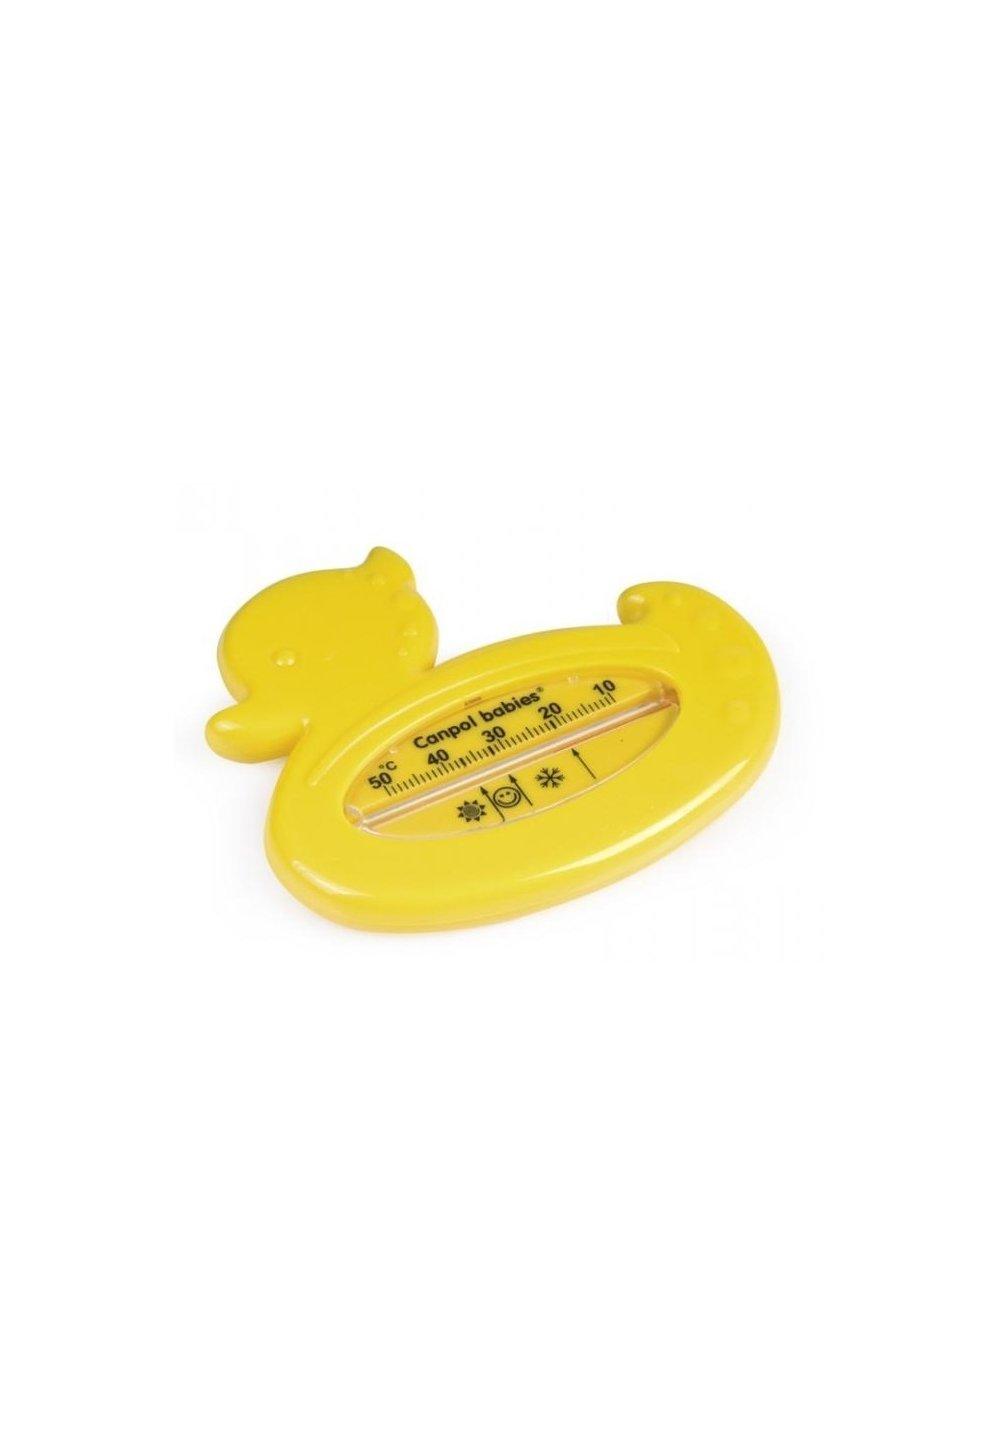 Termometru pentru baie, ratusca, galben imagine